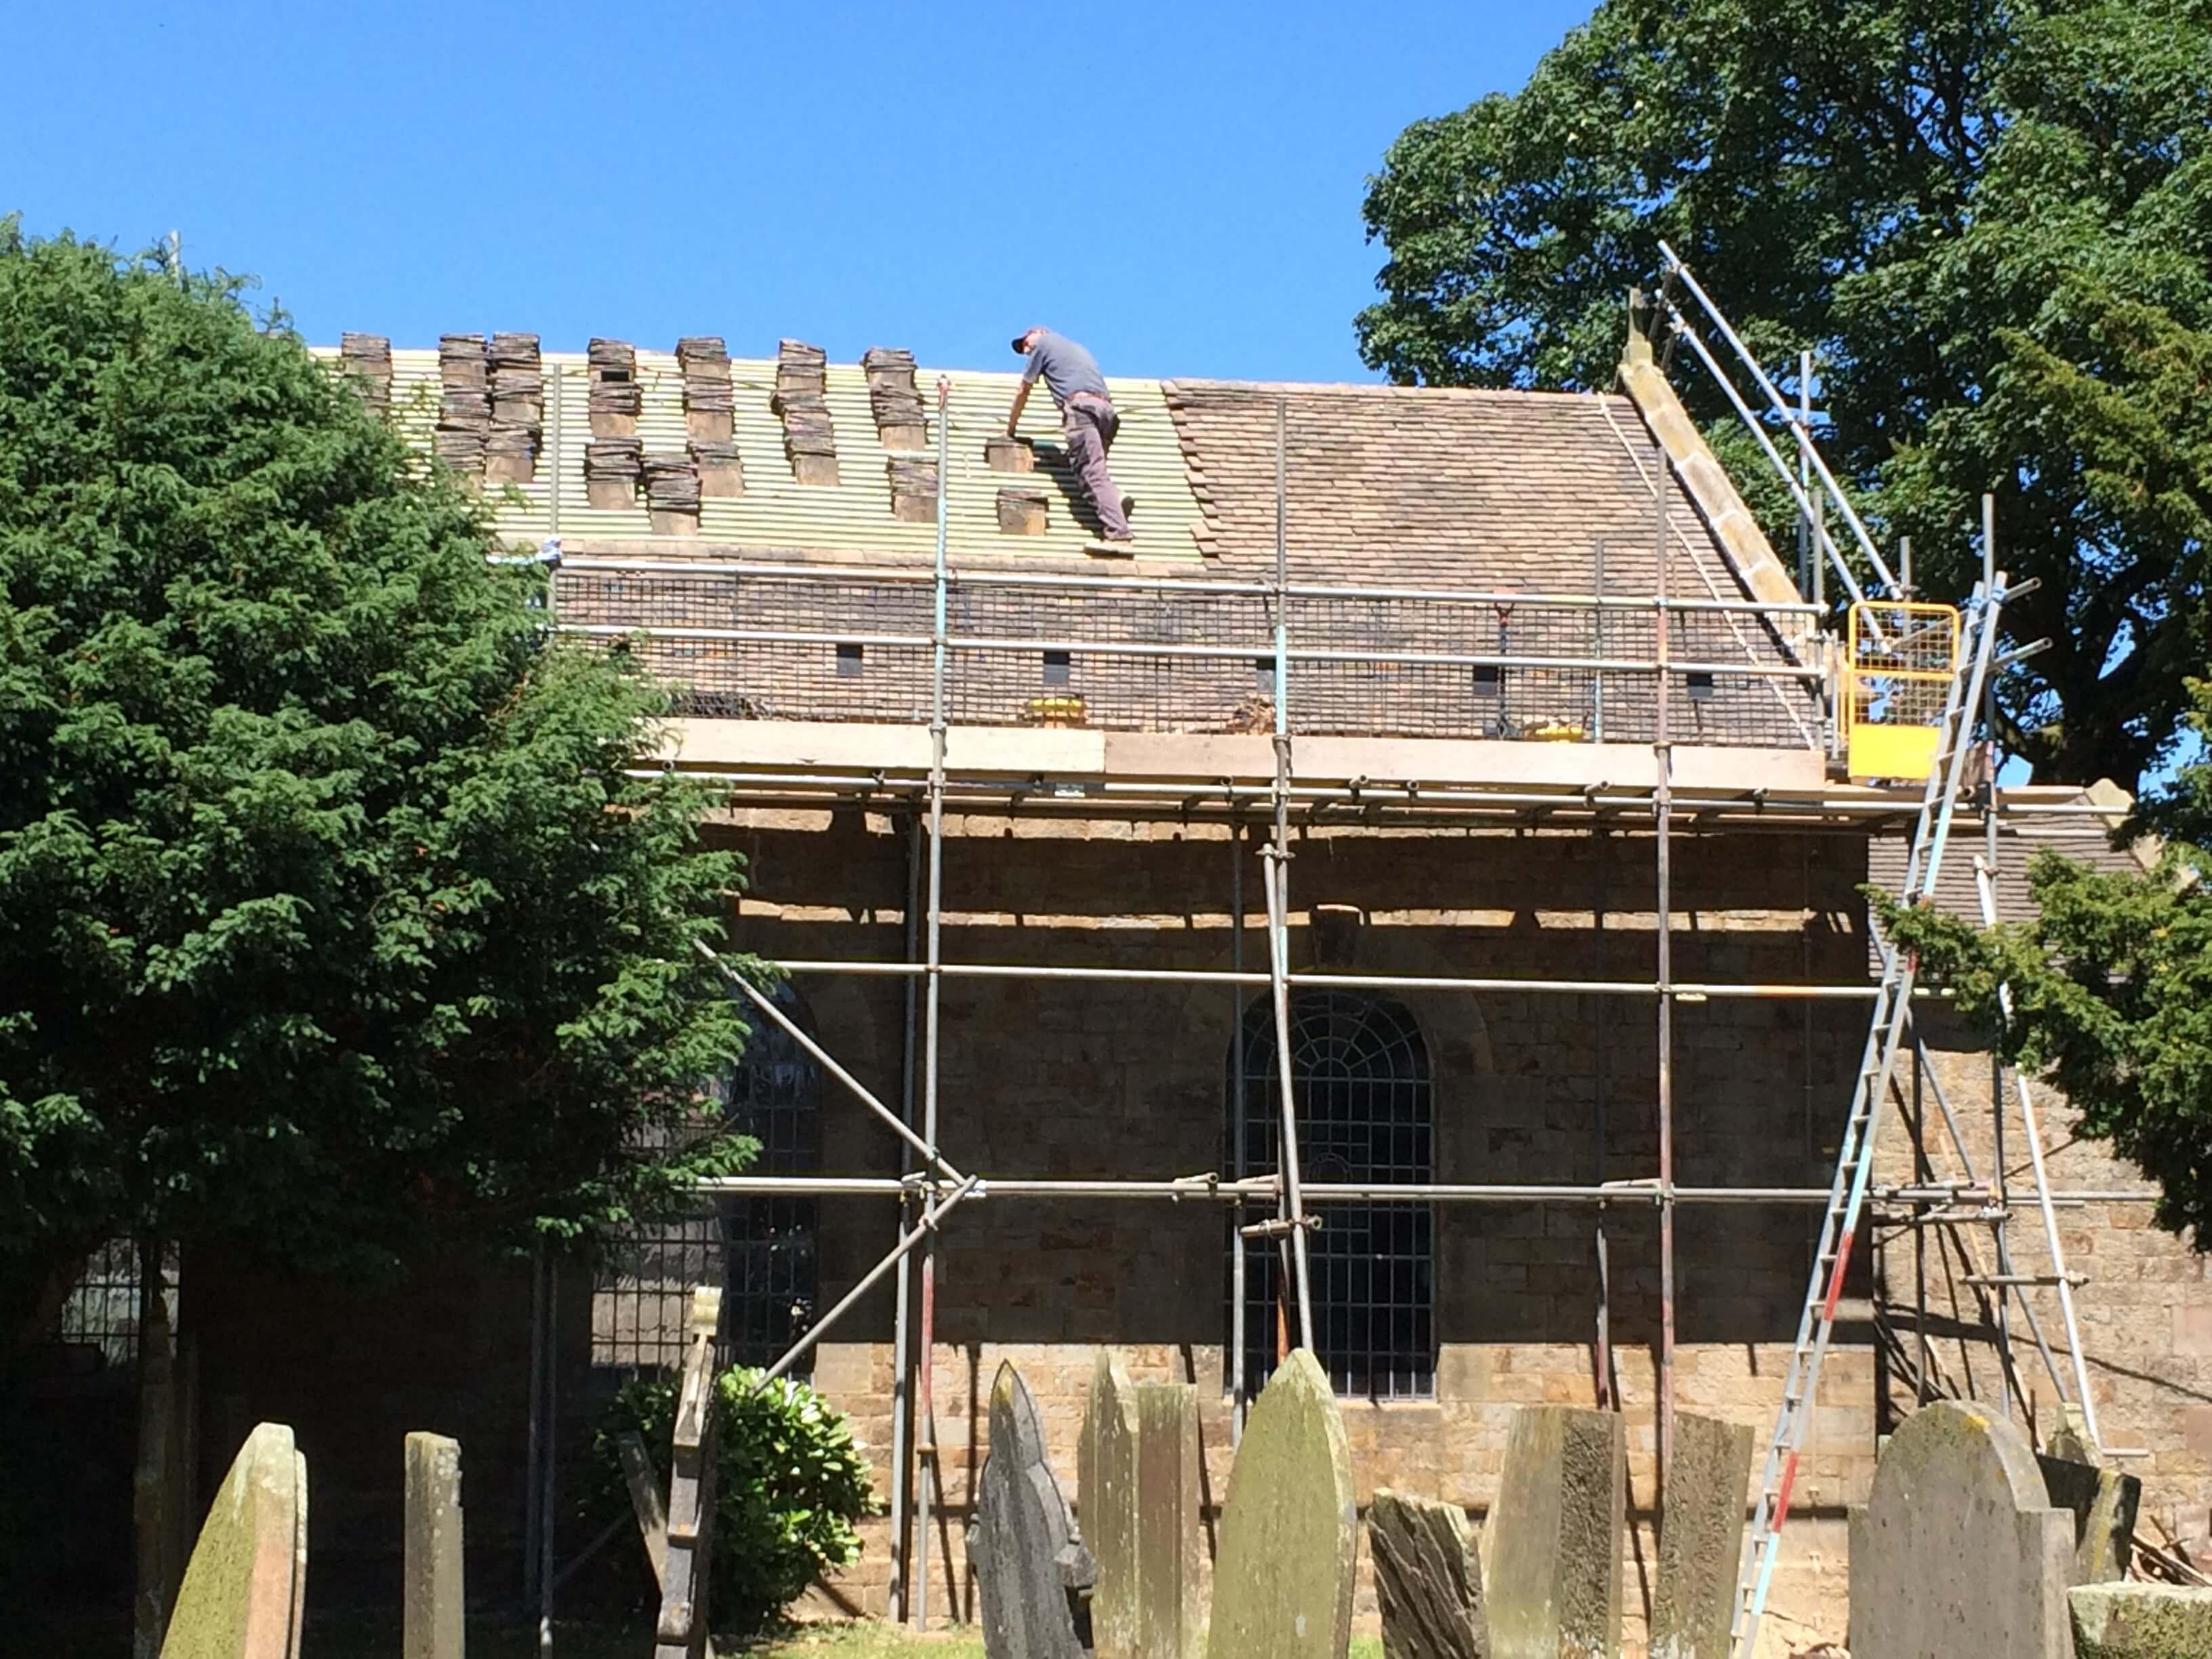 St Lukes Roof.jpg